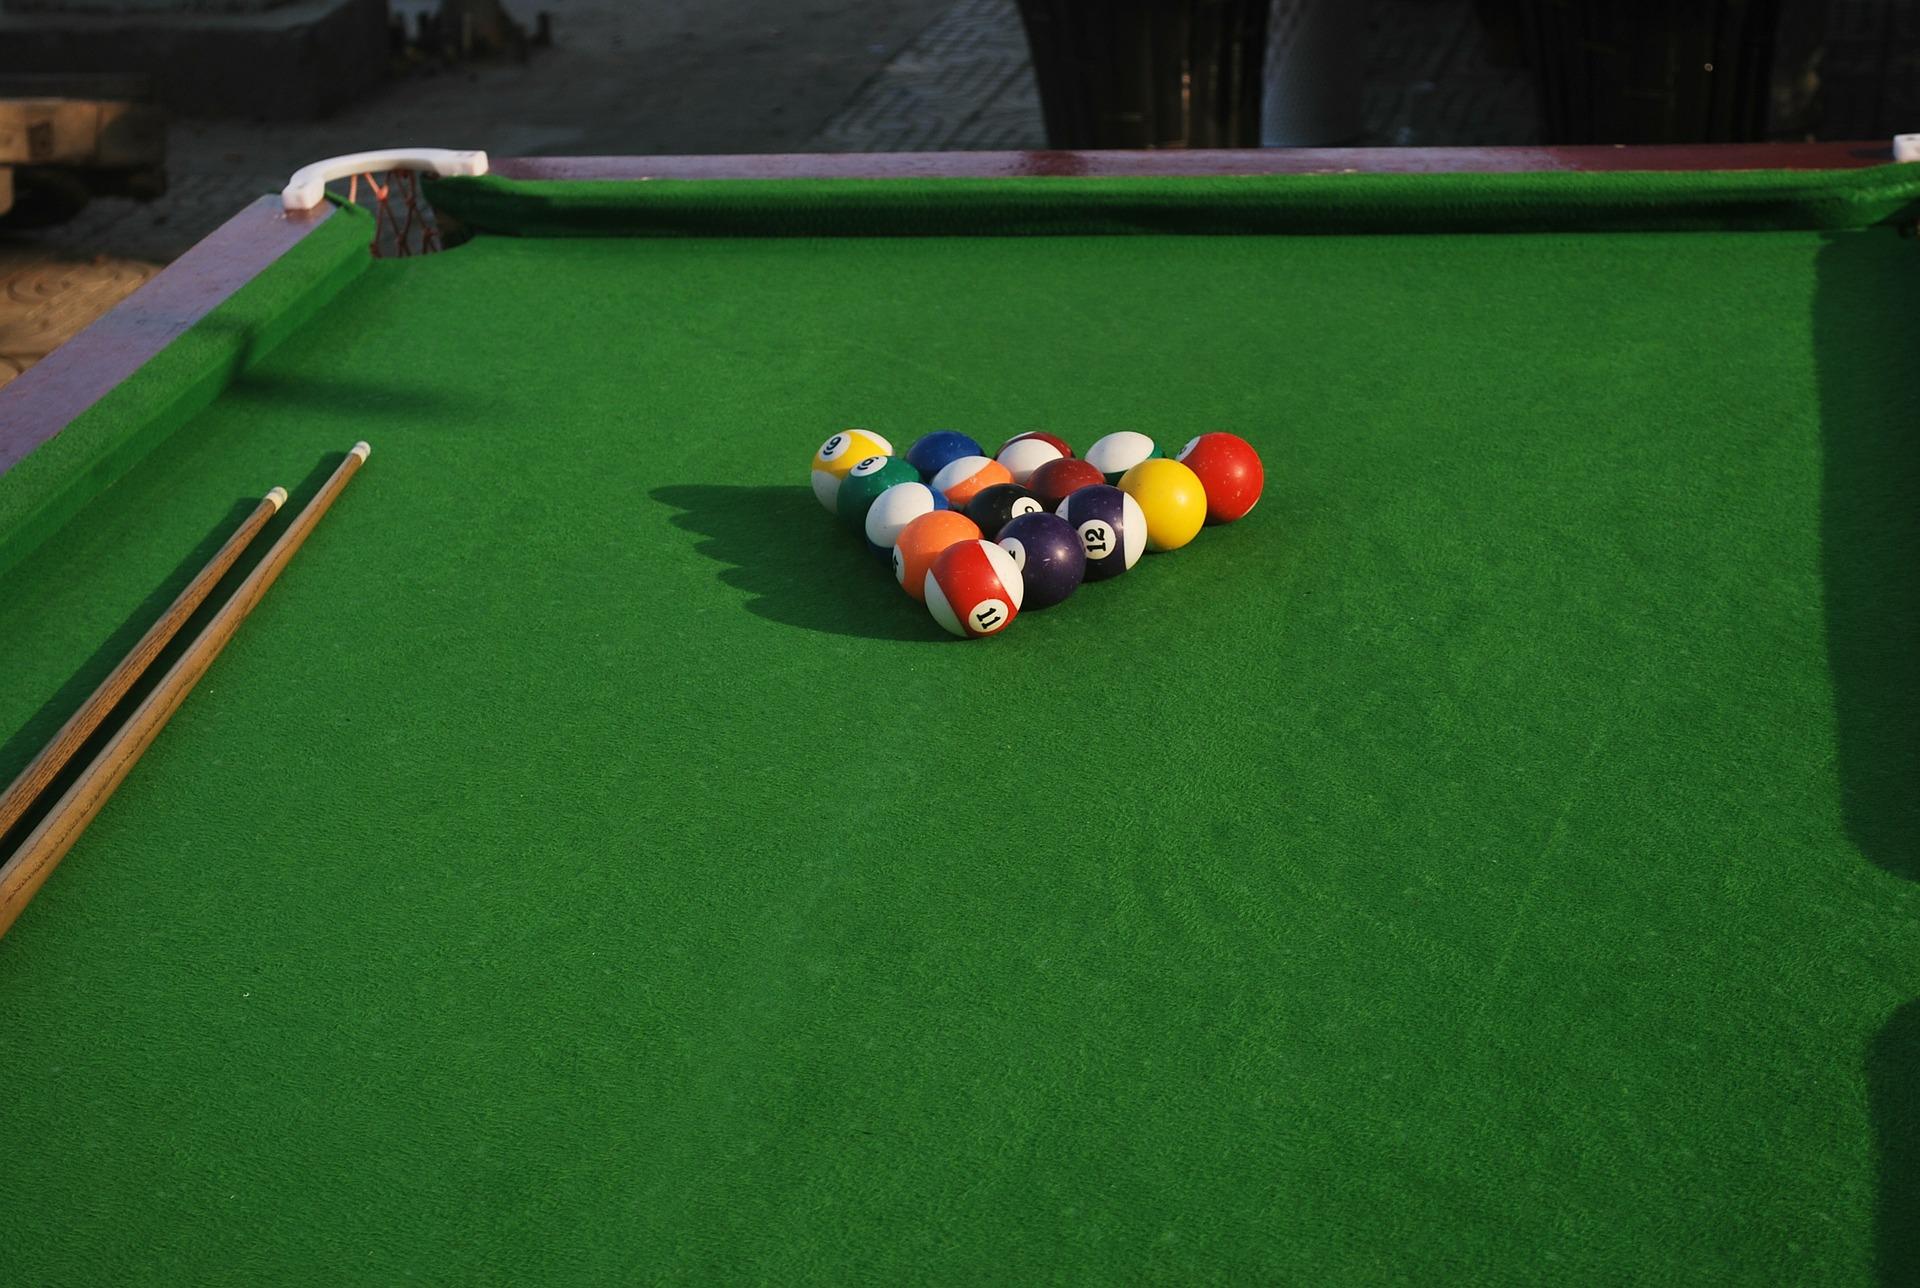 Pool Table © Pixabay